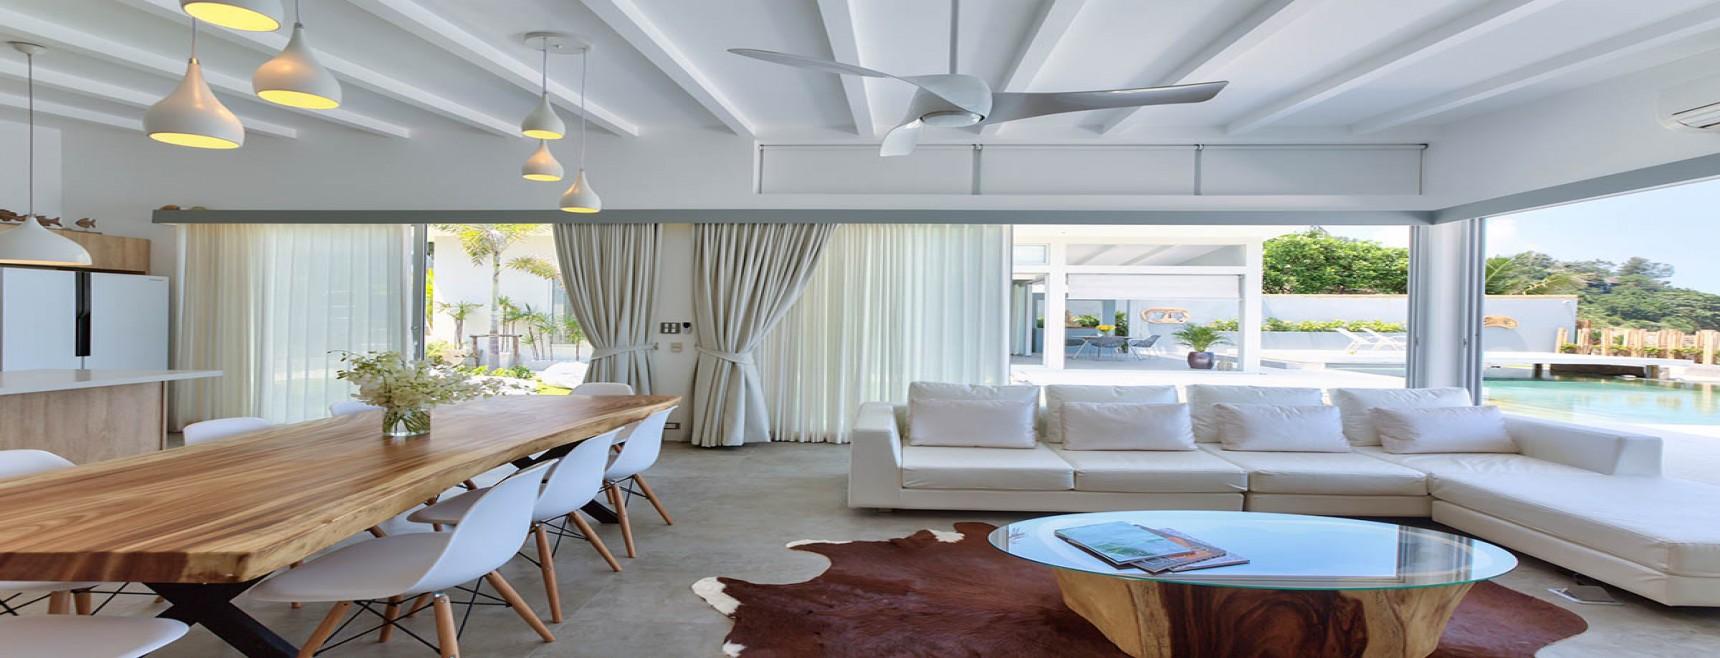 5 Bedrooms, Villa, Residential Sales, 6 Bathrooms, Listing ID 1287, Plai Laem, North East, Koh Samui,